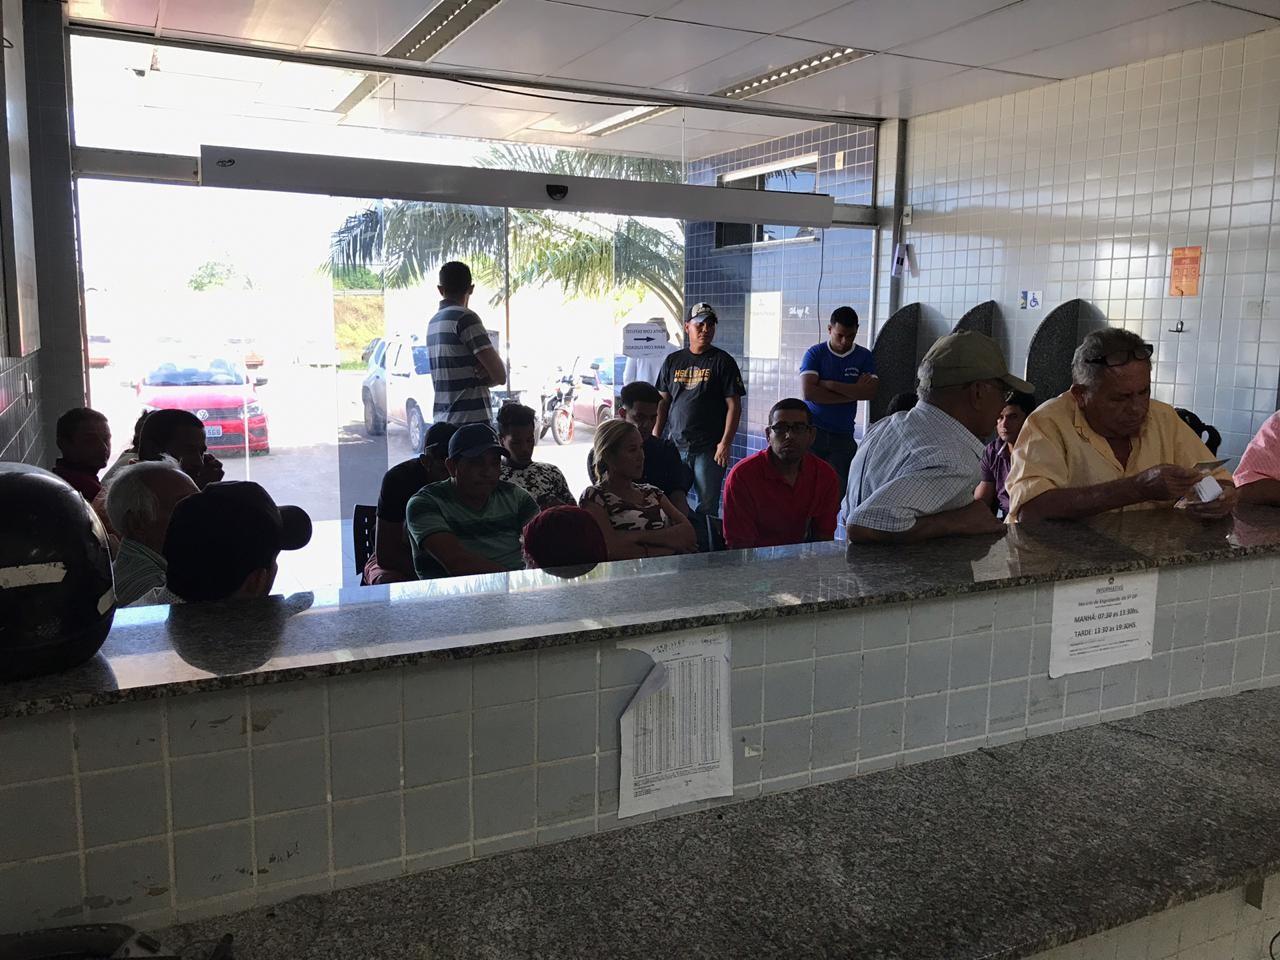 Você viu? intervenção federal em Roraima, morre ex-governador,  delegacias e quartéis fechados e mais - Noticias